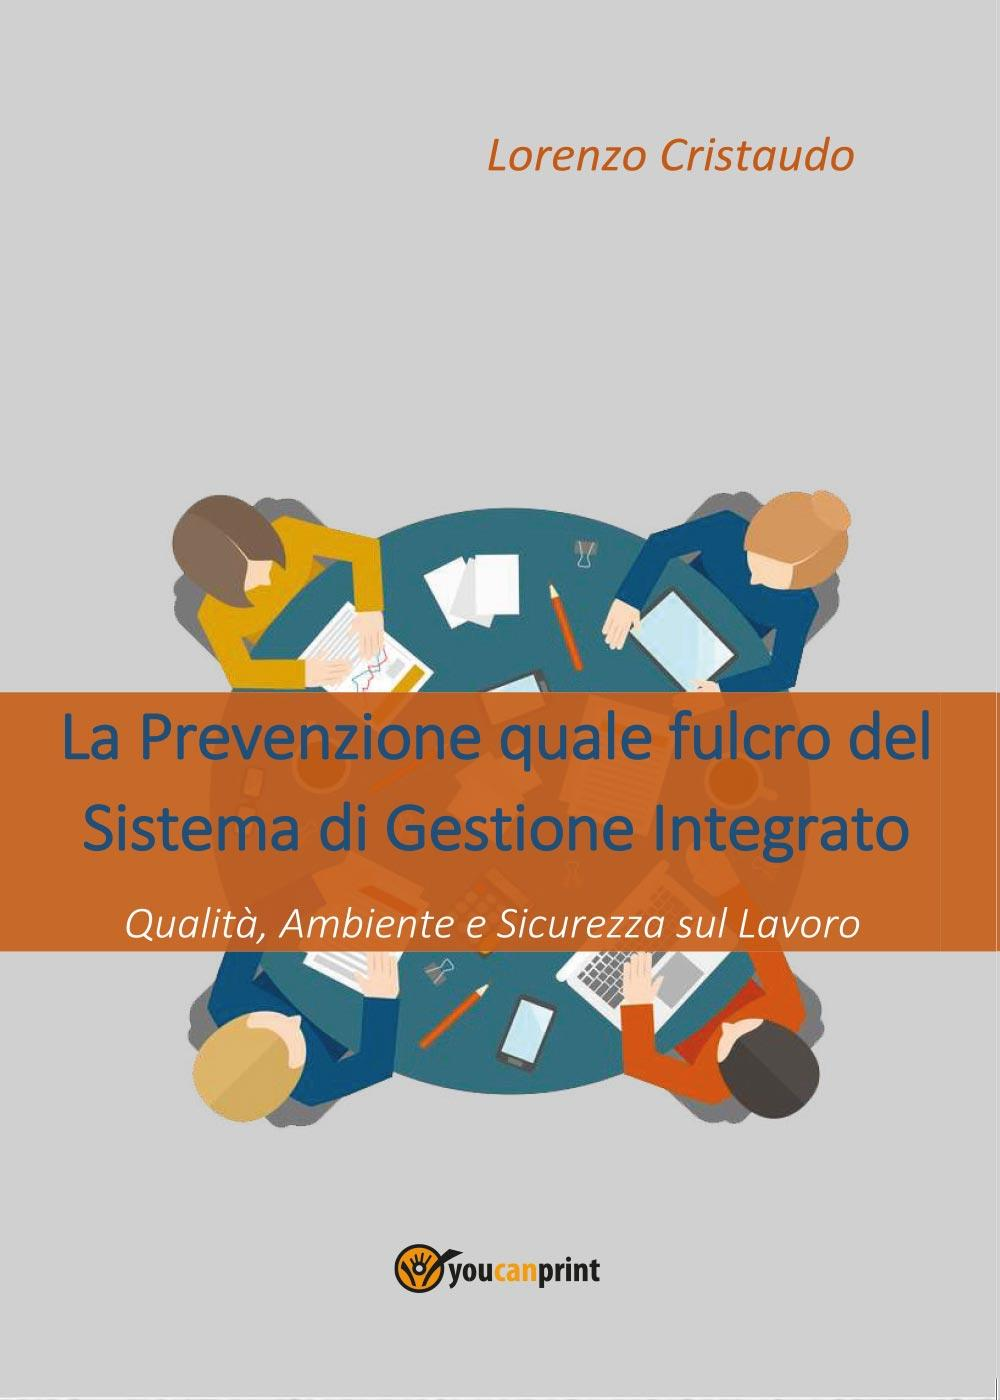 La Prevenzione quale fulcro del Sistema di Gestione Integrato